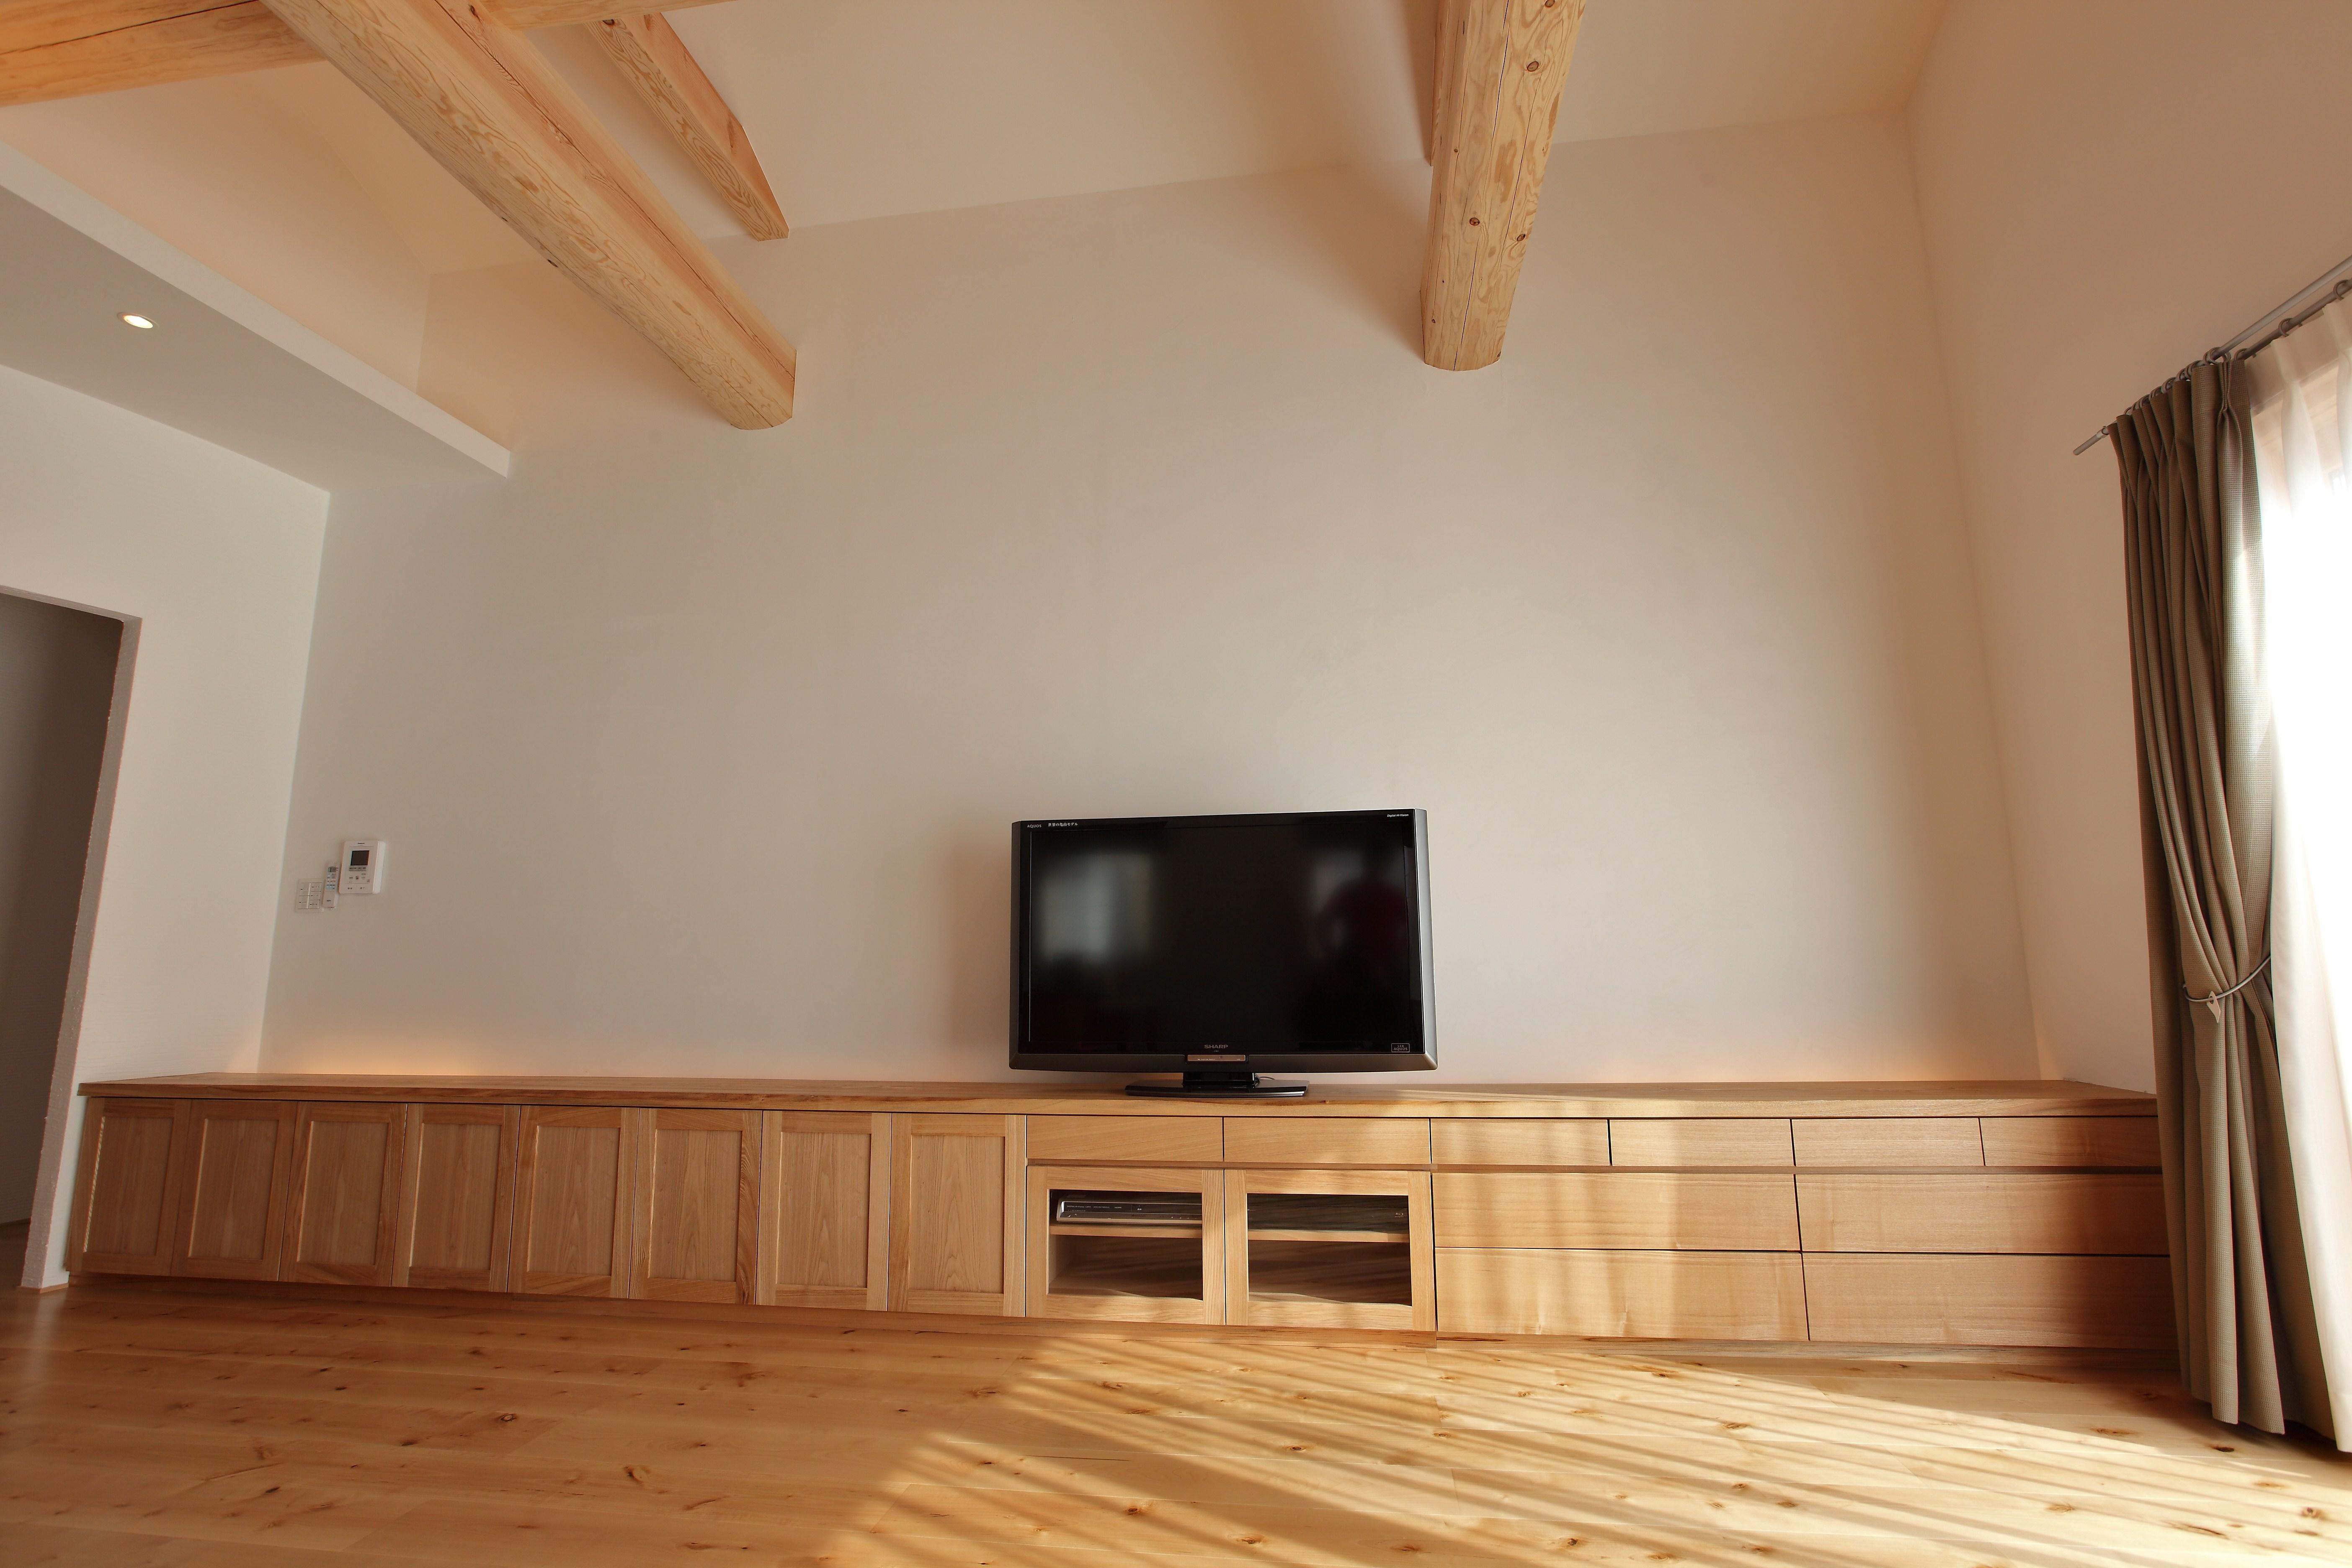 マルチメディアボード AVボード タモ 大阪 オーダー家具 一枚板 無垢材 タモ無垢材AVボード